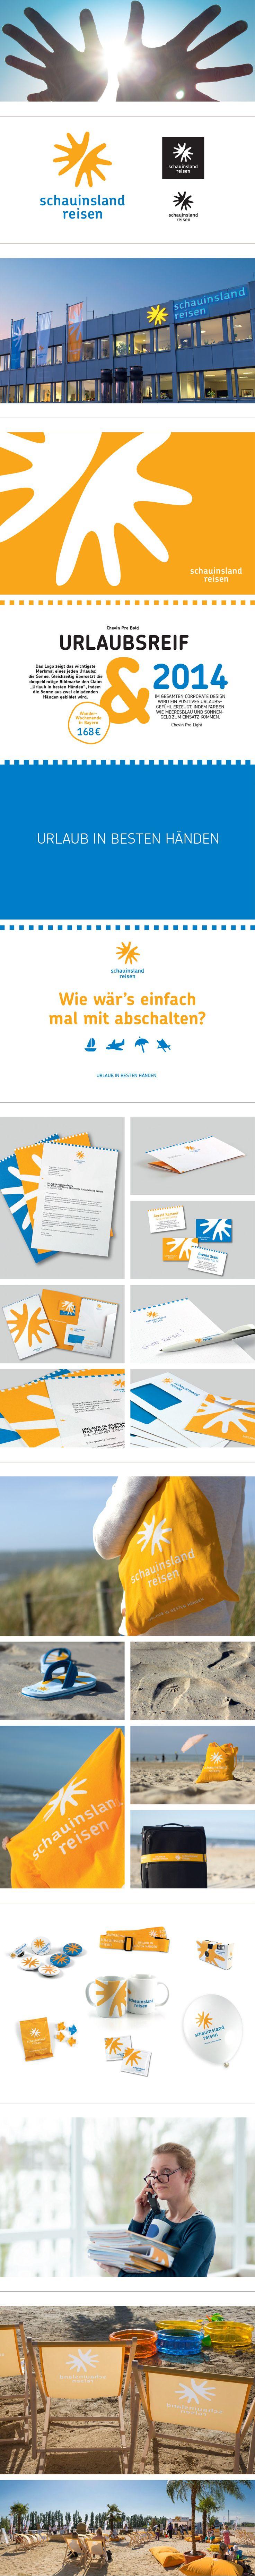 Corporate Design für Schauinsland Reisen